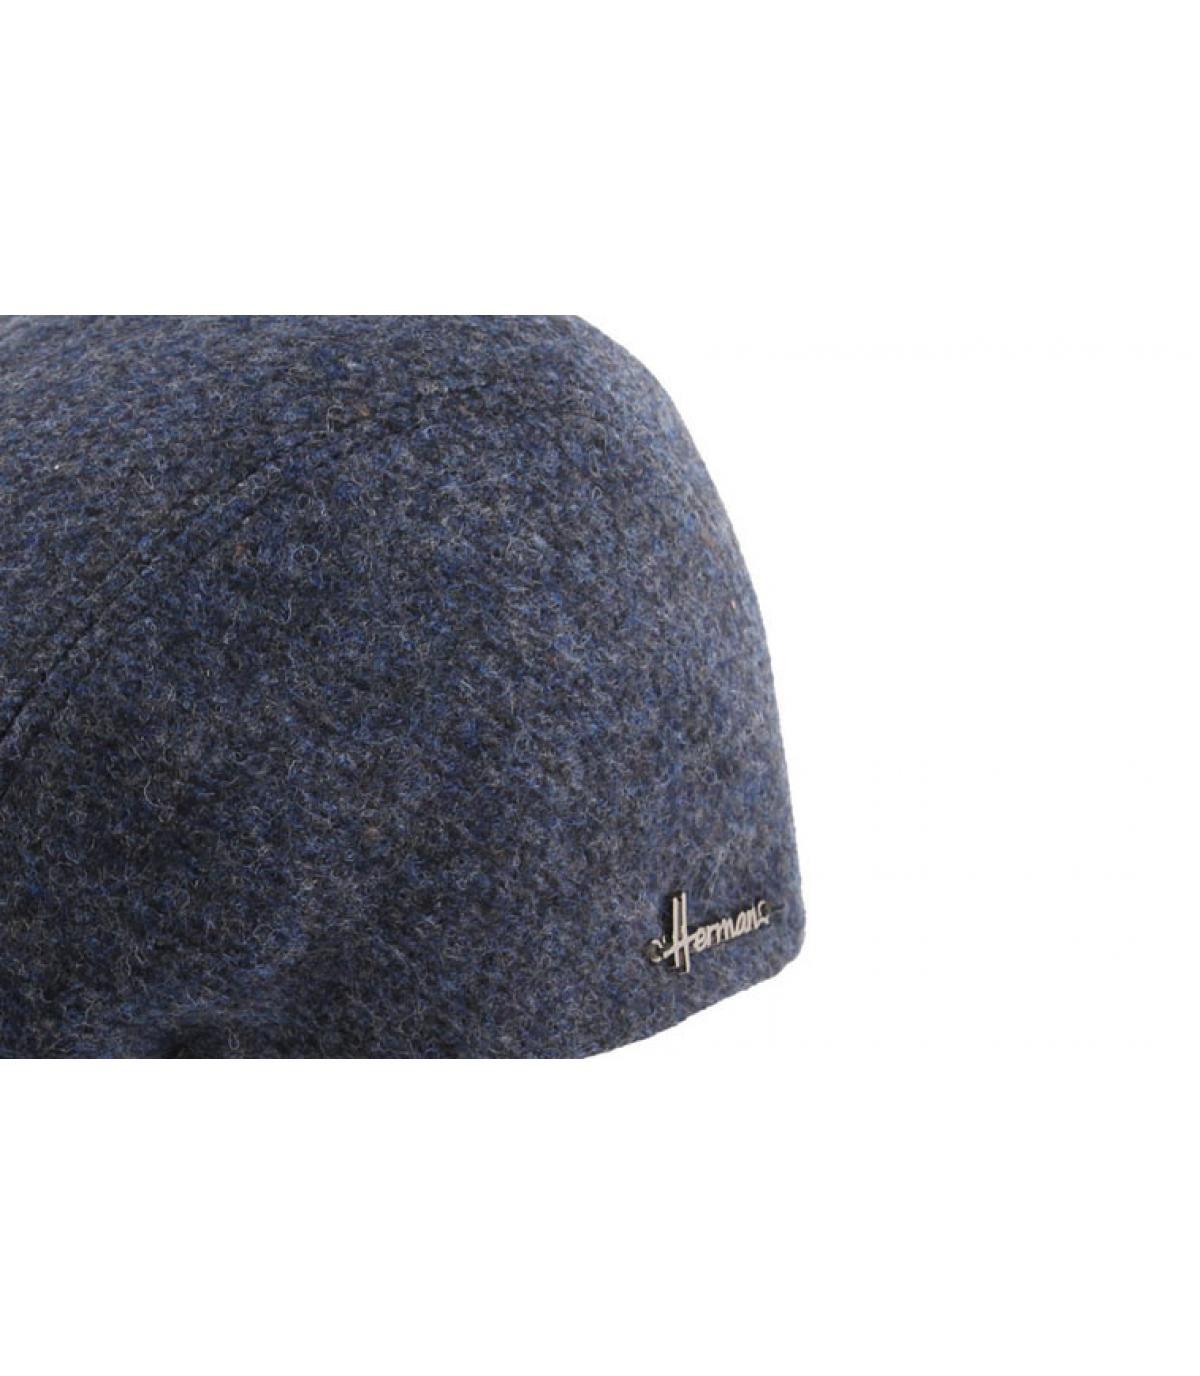 Details Hill wool EF blue - Abbildung 3